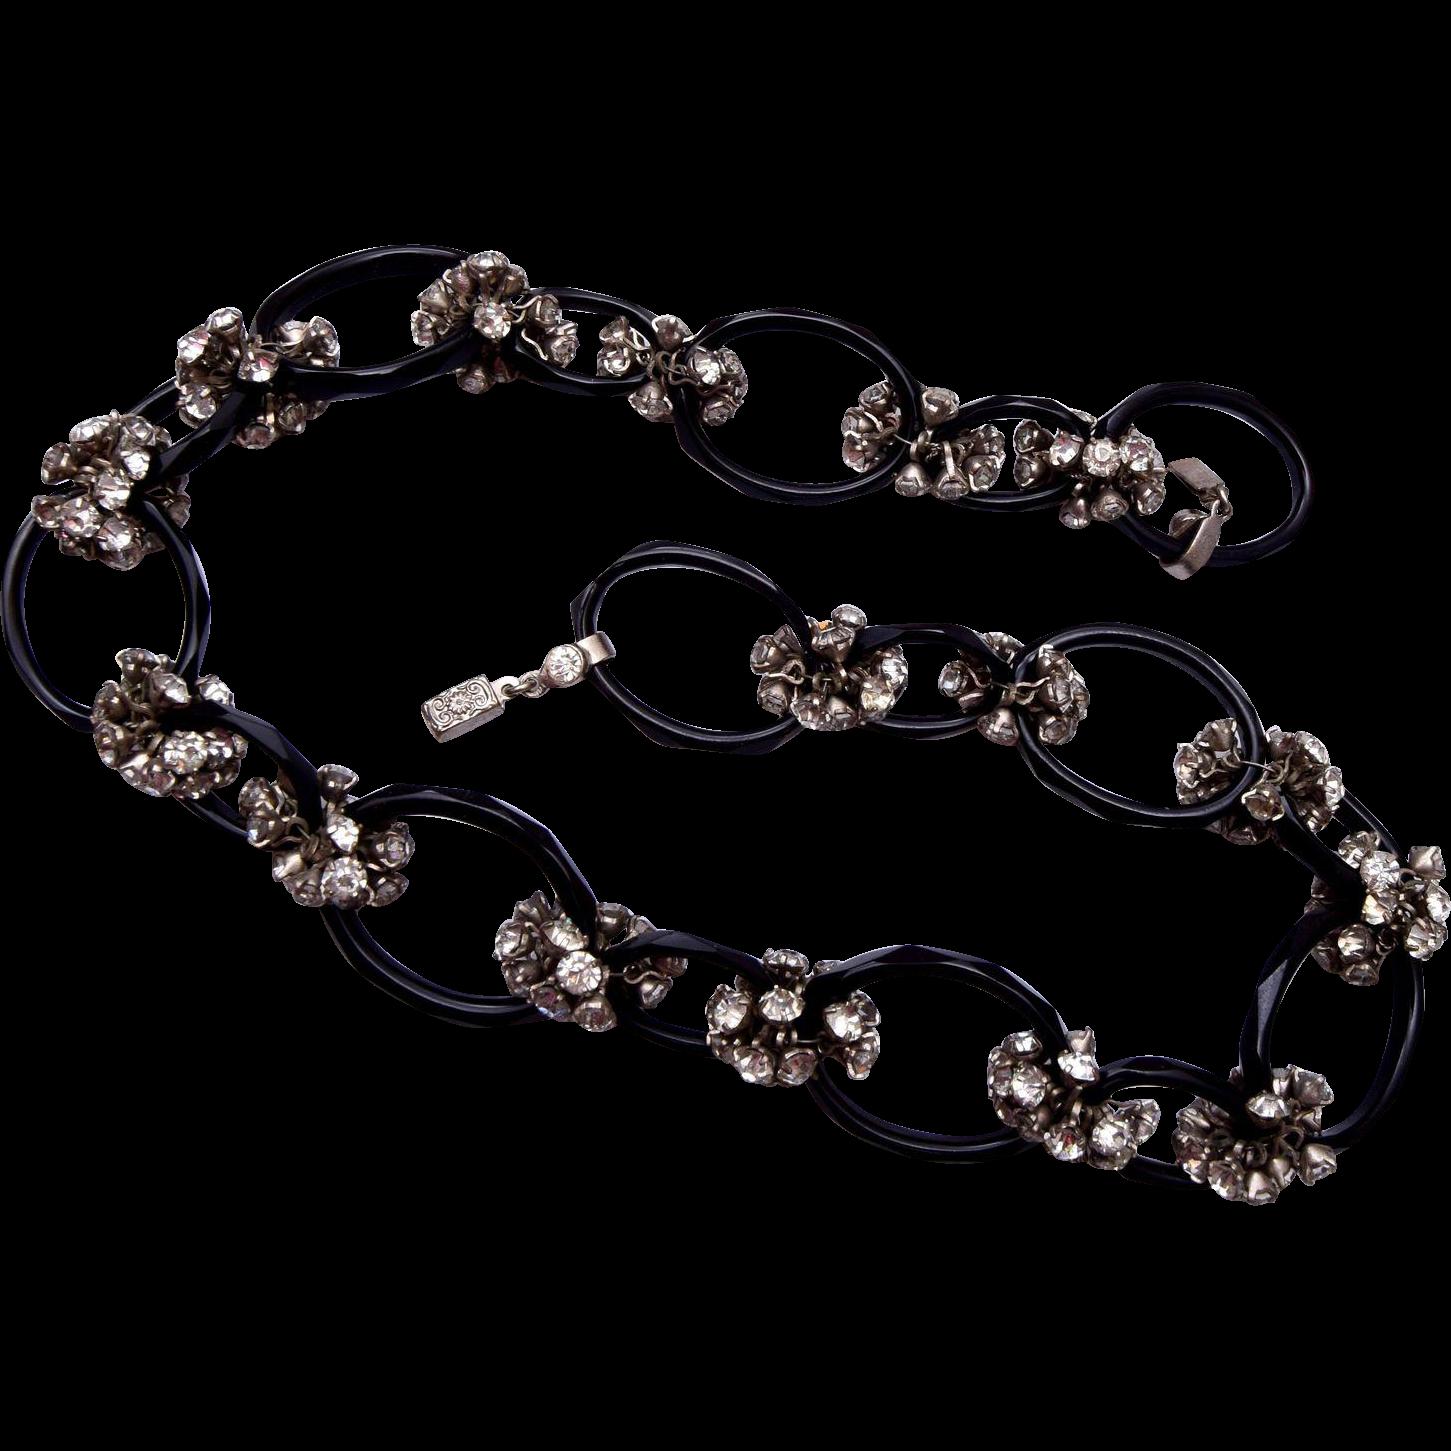 Czechoslovakian Black Glass and Rhinestone Necklace